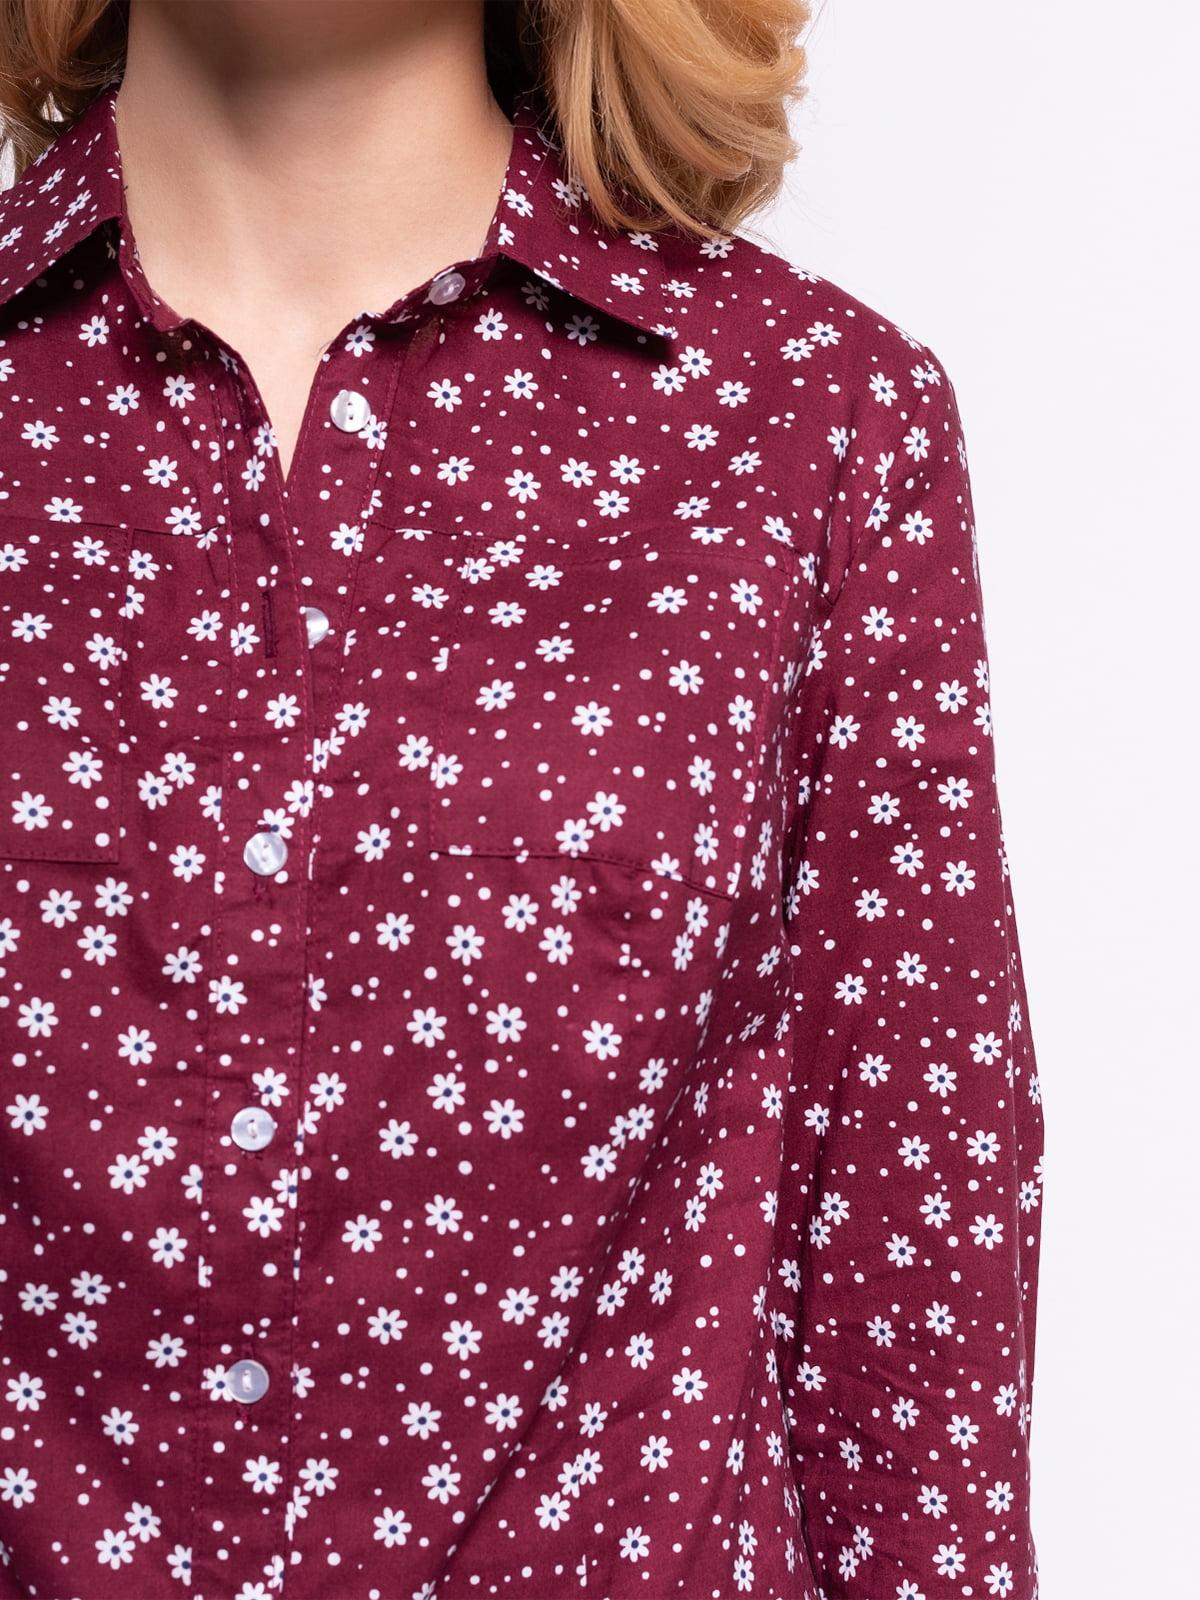 Рубашка бордовая в цветочный принт | 4855844 | фото 3